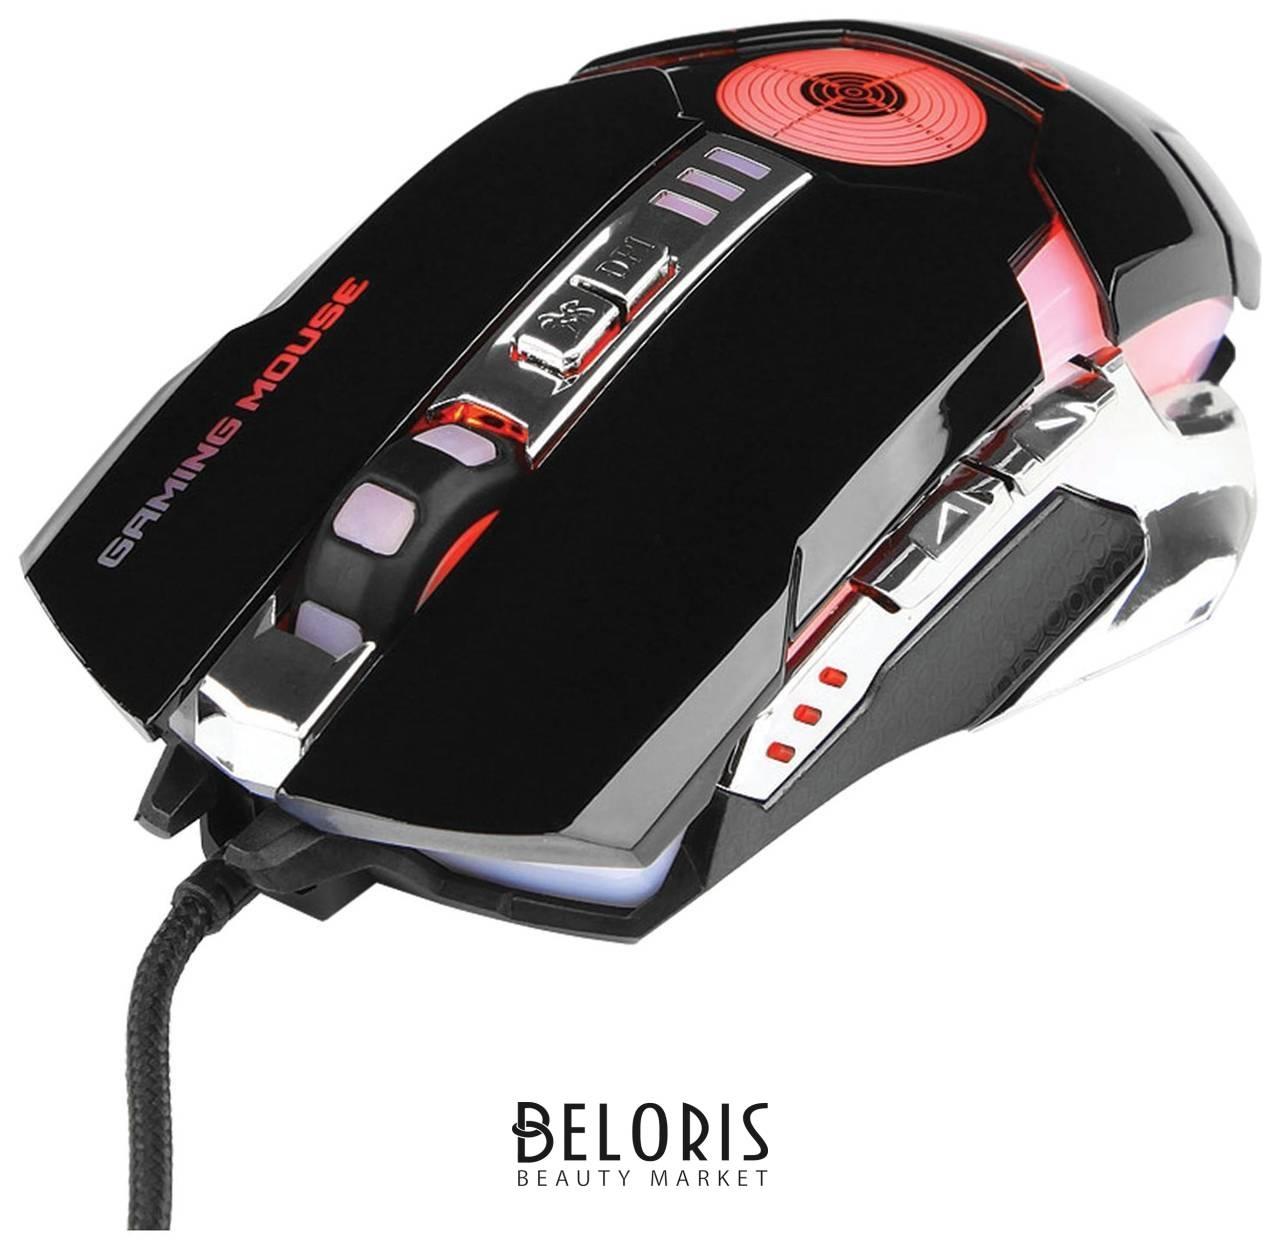 Мышь проводная игровая Gembird Mg-530, Usb, 5 кнопок + 1 колесо-кнопка, оптическая, черная Gembird